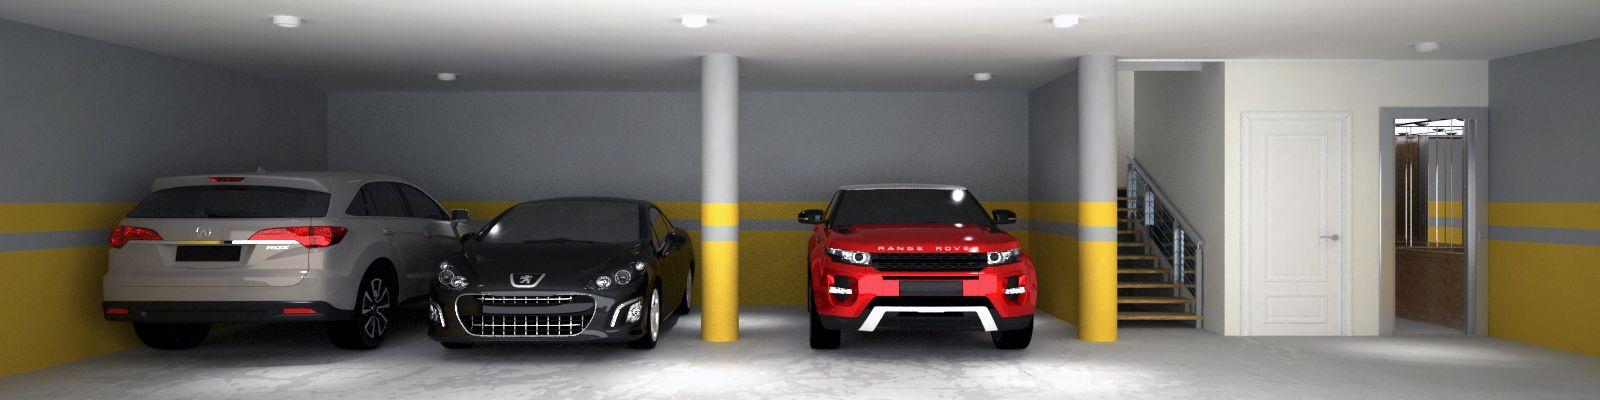 Garaje 3D